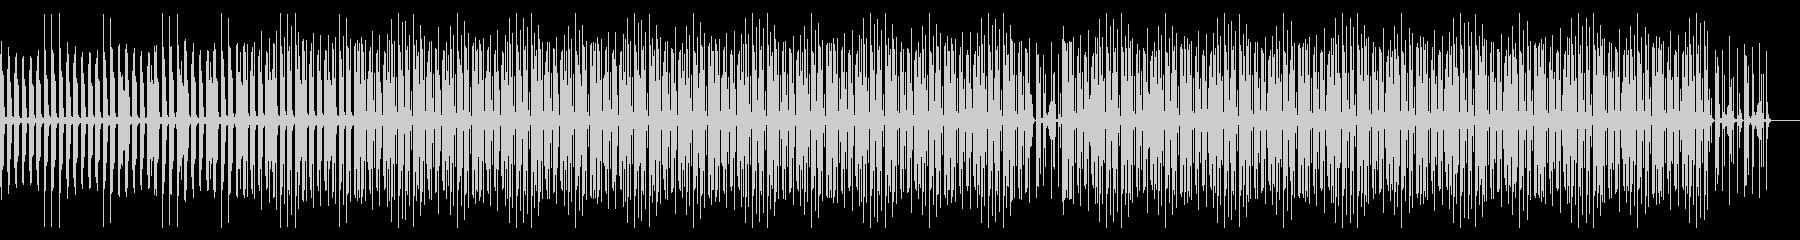 重低音のベースが印象的なテクノの未再生の波形